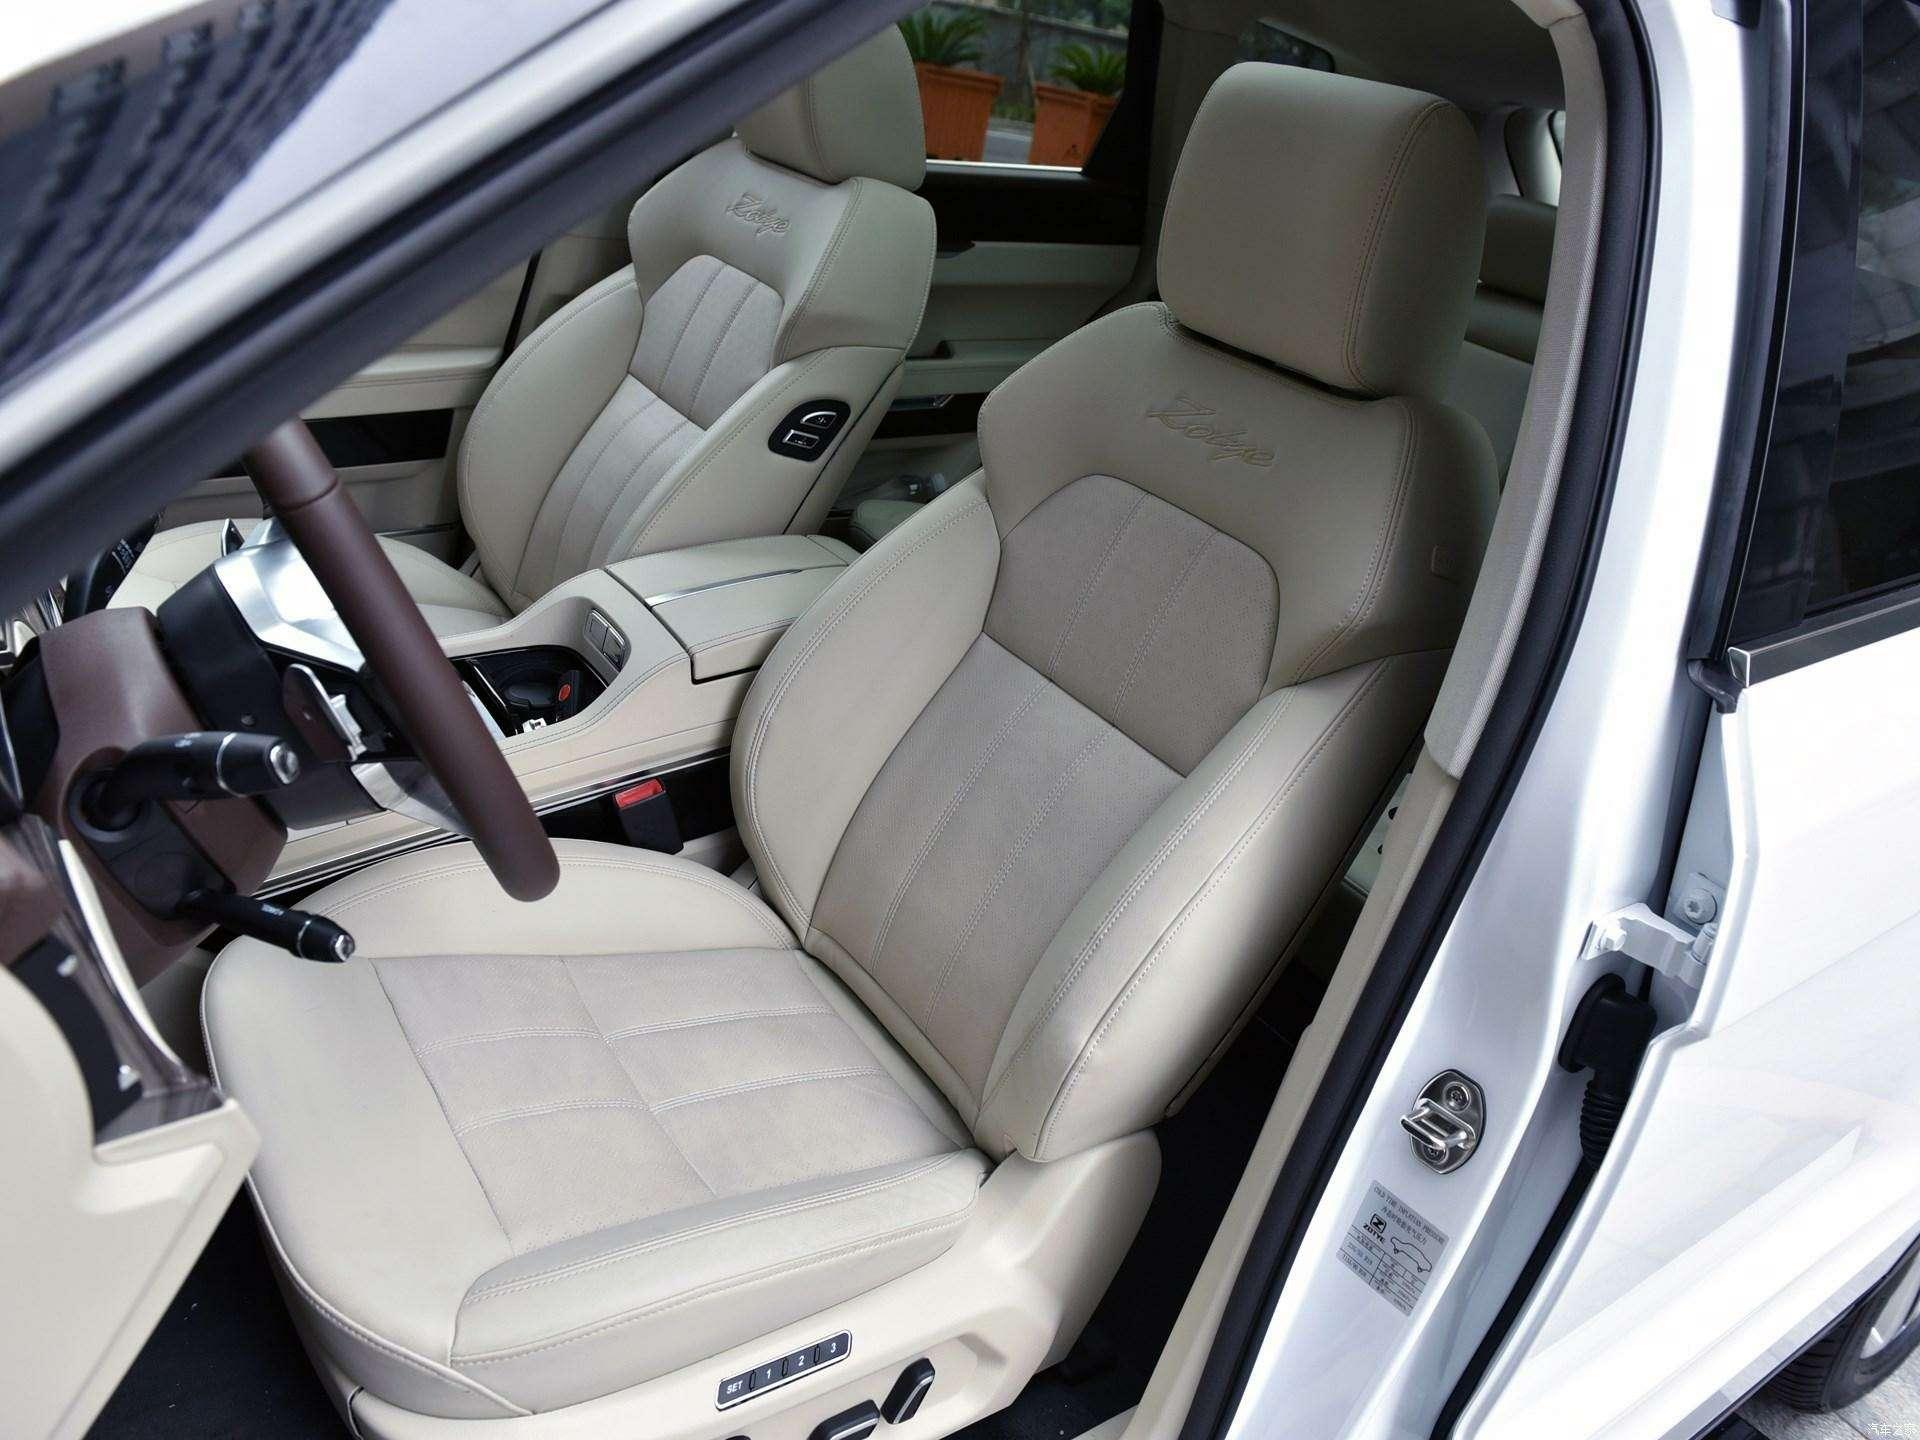 Jaguar иLand Rover водном флаконе: стартовало производство кроссовера Zotye T700— фото 727969